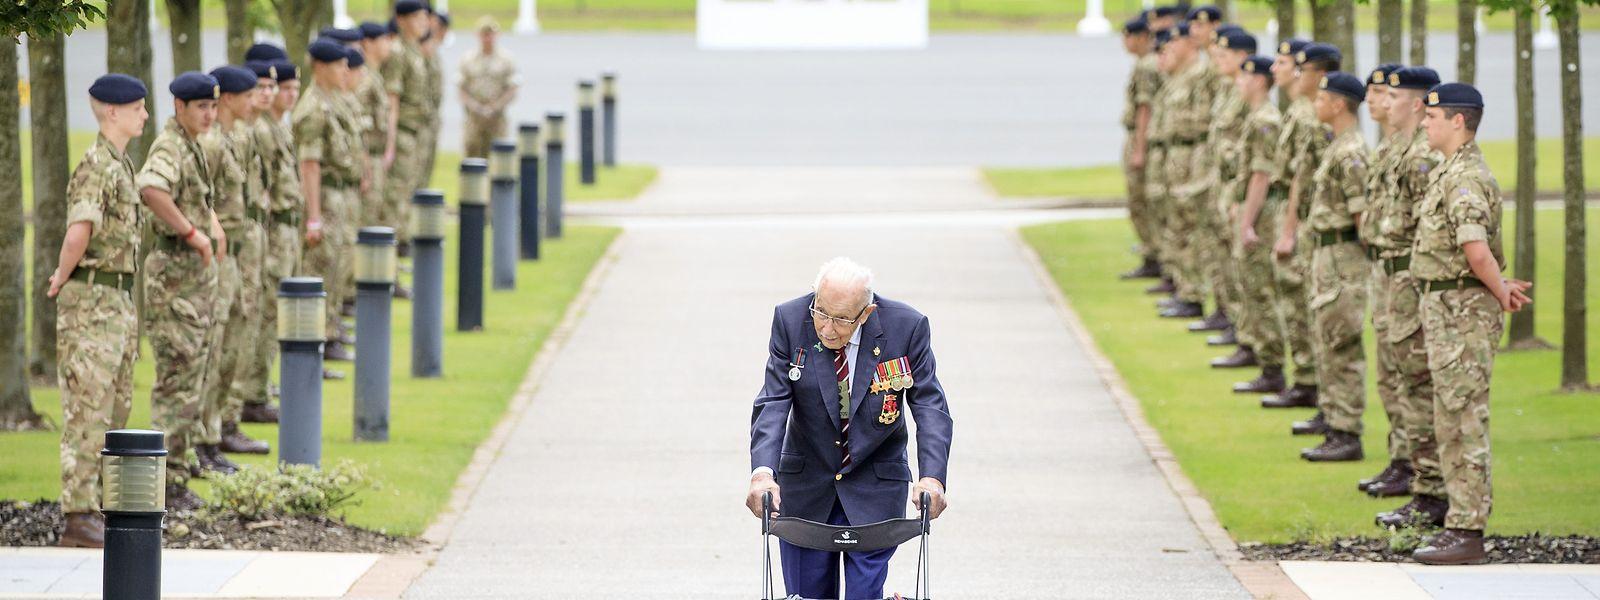 Archivfoto: Kapitän Sir Tom Moore läuft während eines Besuchs des Army Foundation College in Harrogate, North Yorkshire, als Teil seiner neuen Rolle als Ehrenoberst der nördlichen militärischen Ausbildungseinrichtung eine Ehrengarde ab. Der 100 Jahre alte britische Rekordspendensammler ist nach einer Corona-Infektion verstorben.